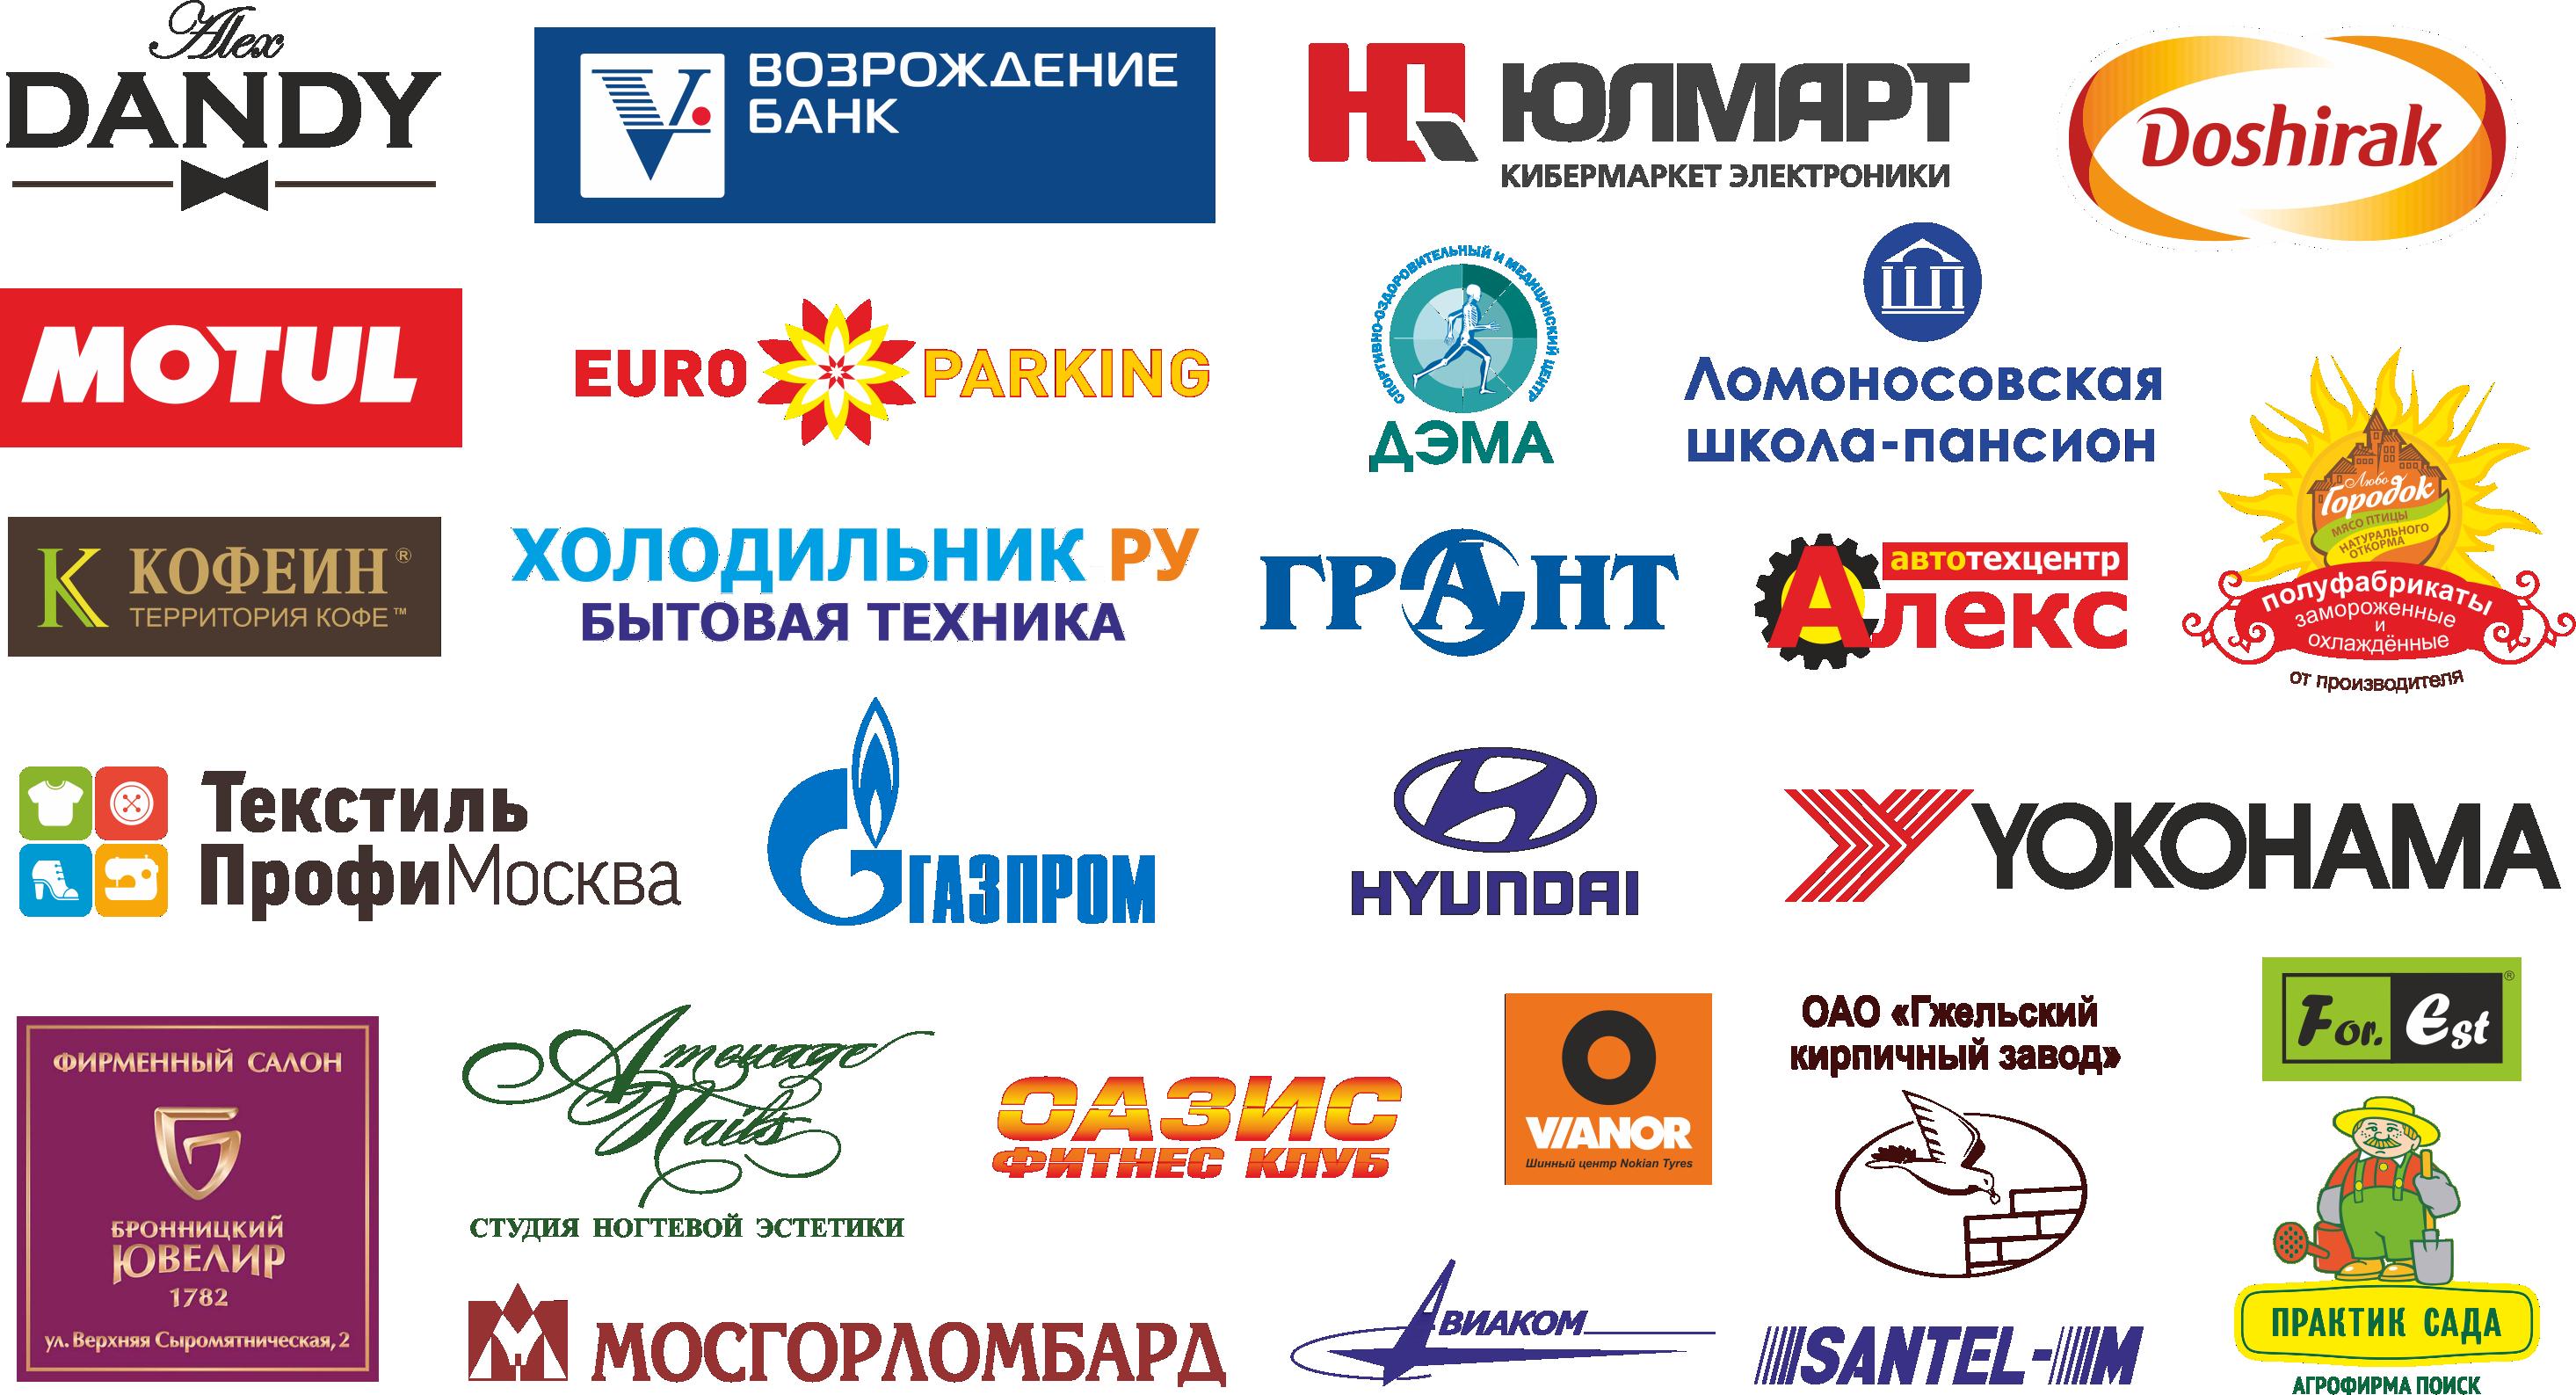 Логотипы клиенты